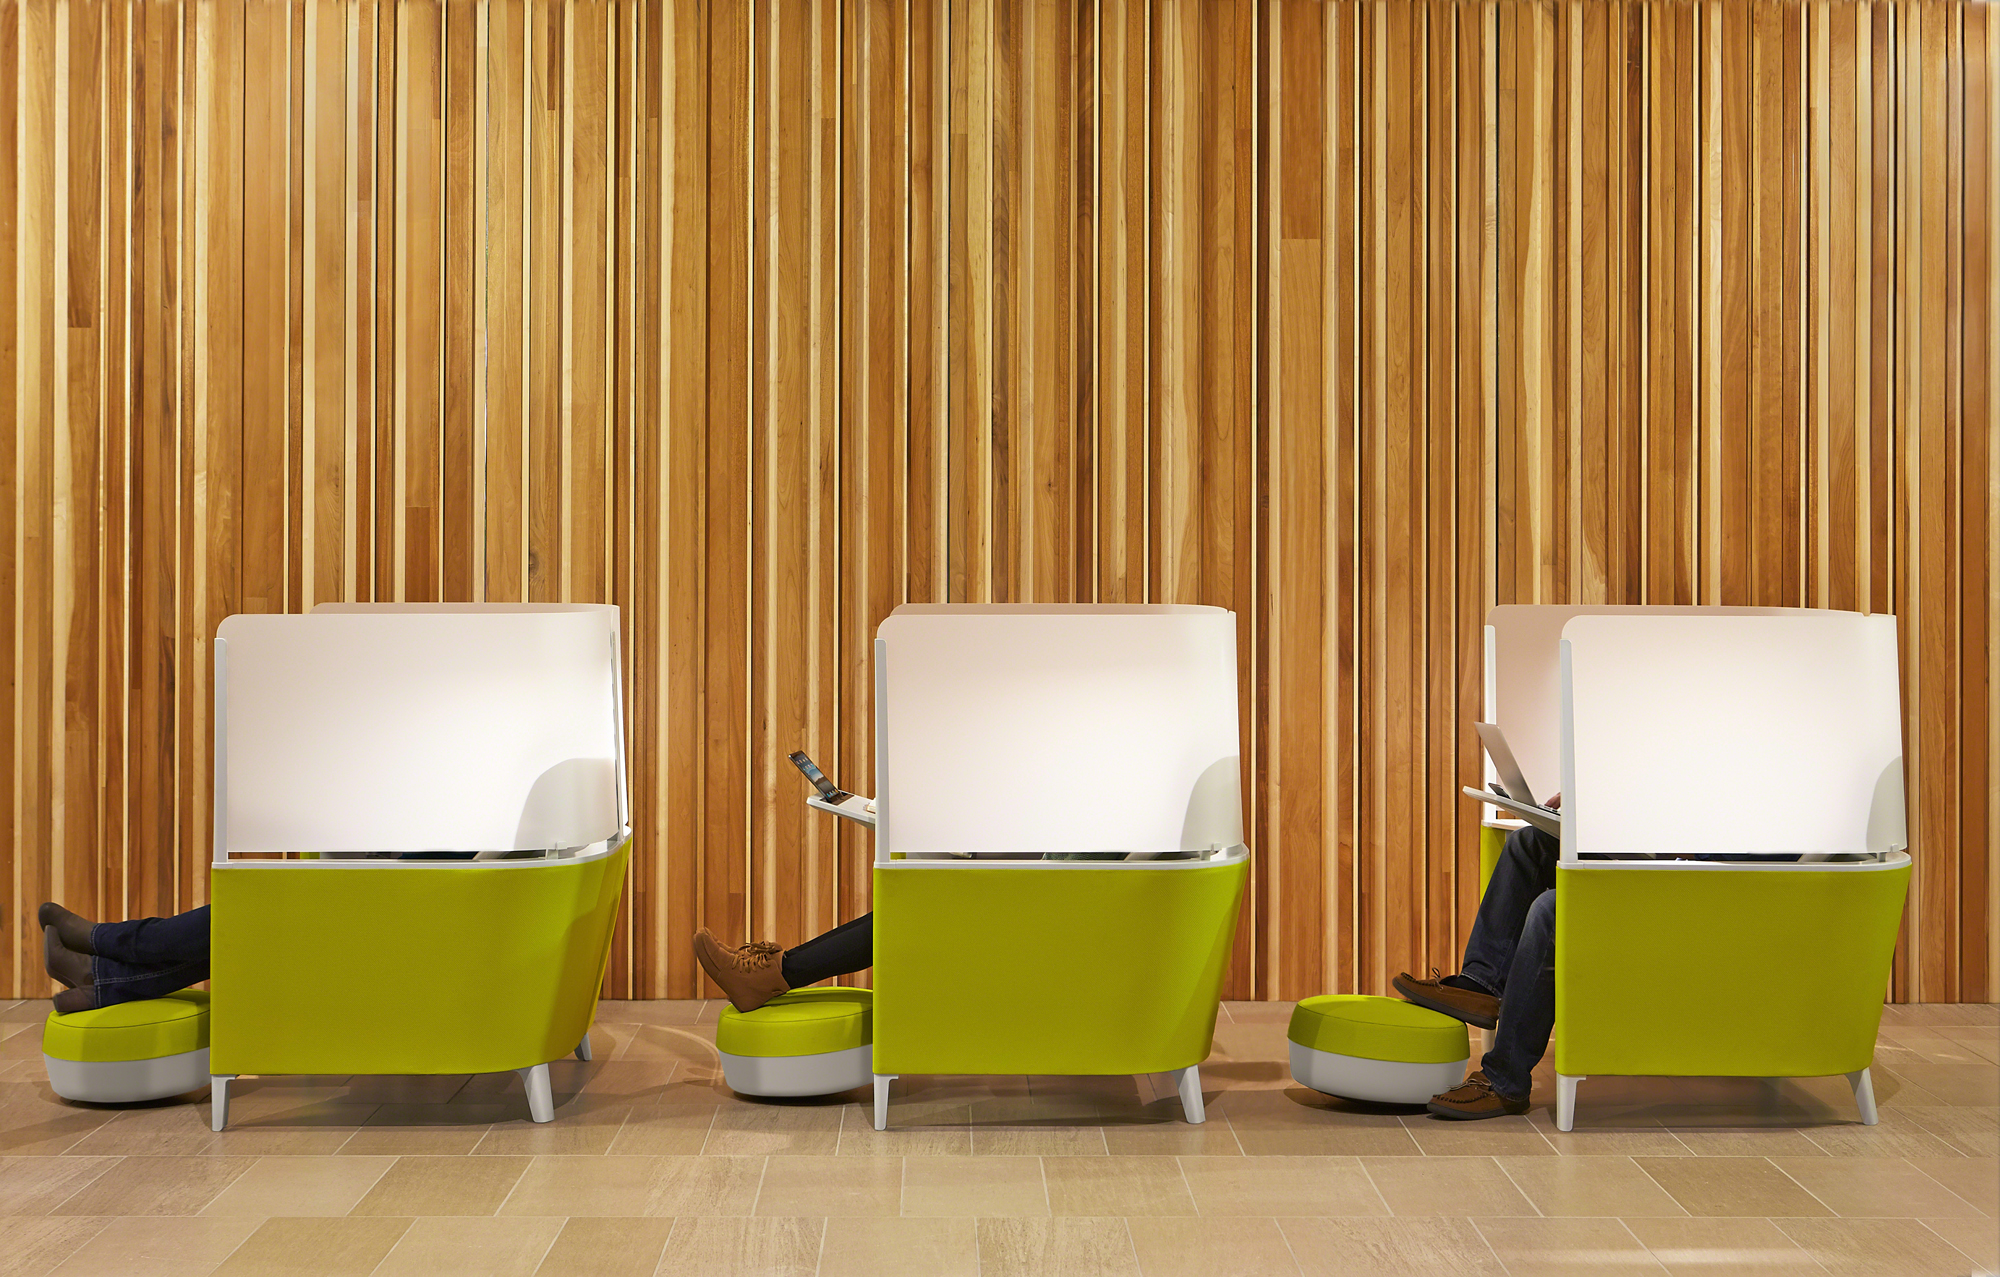 Steelcase Design Director Markus McKenna Explains the